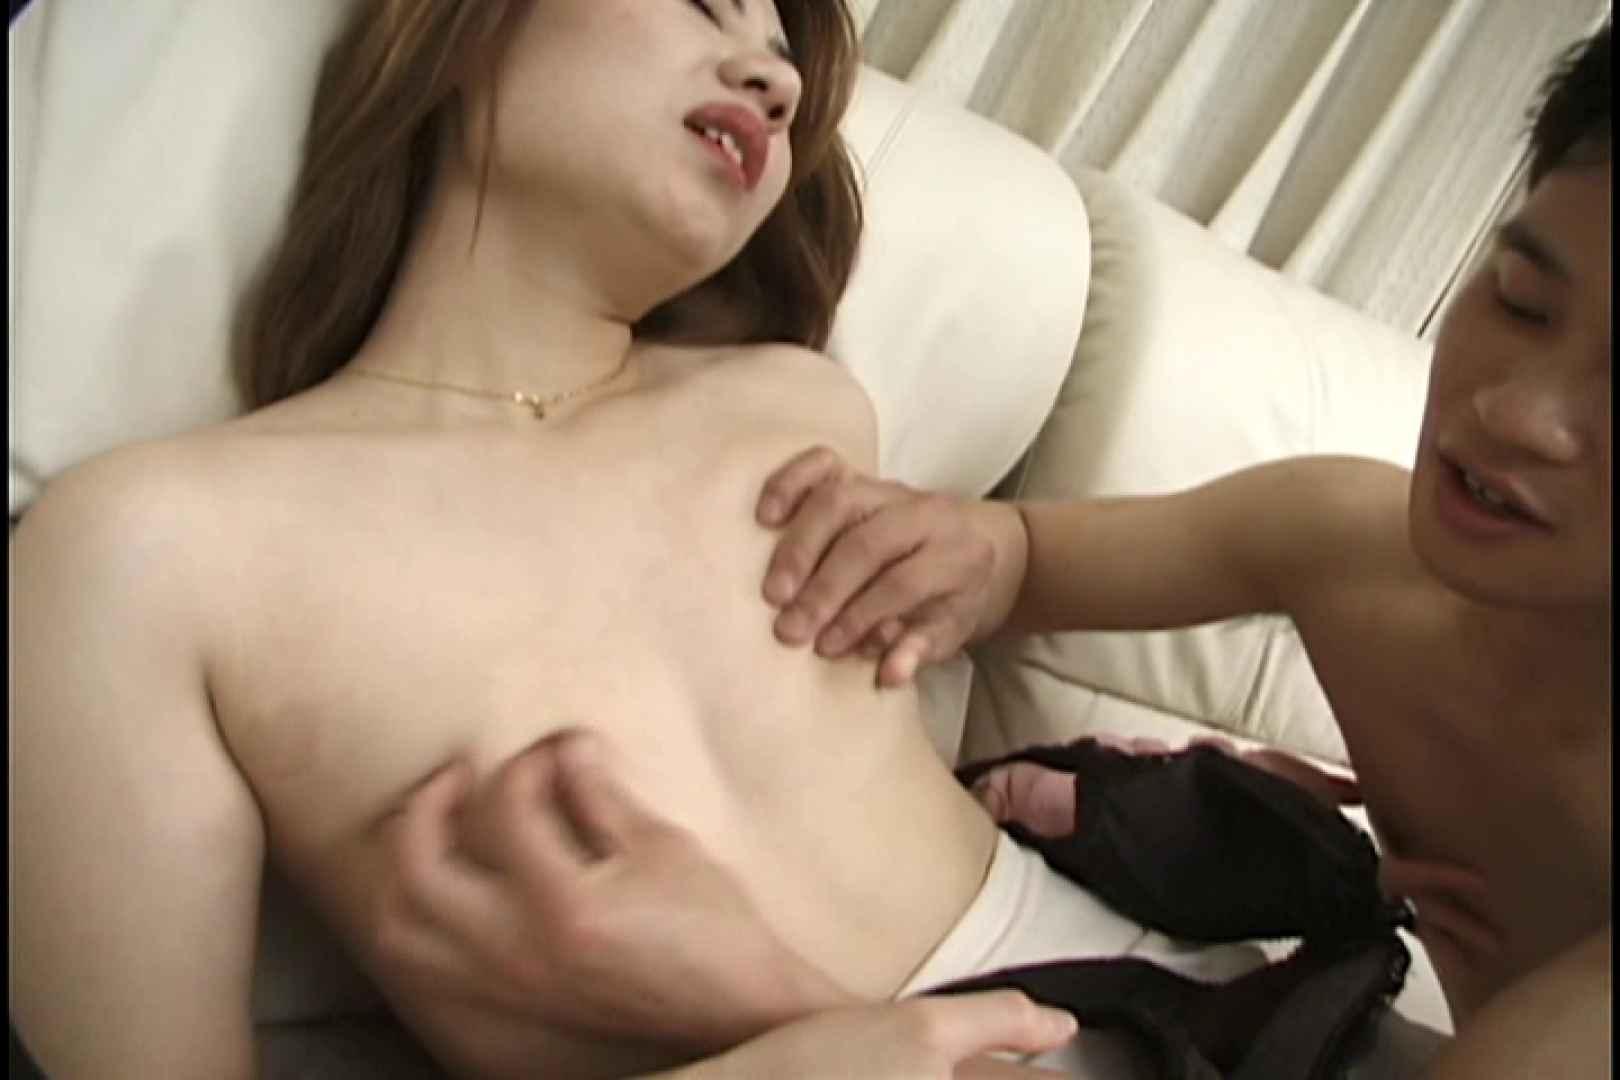 セックスアダルト動画|欲求不満の人妻がエロいフェラで男を虜に~川本亜矢子~|大奥